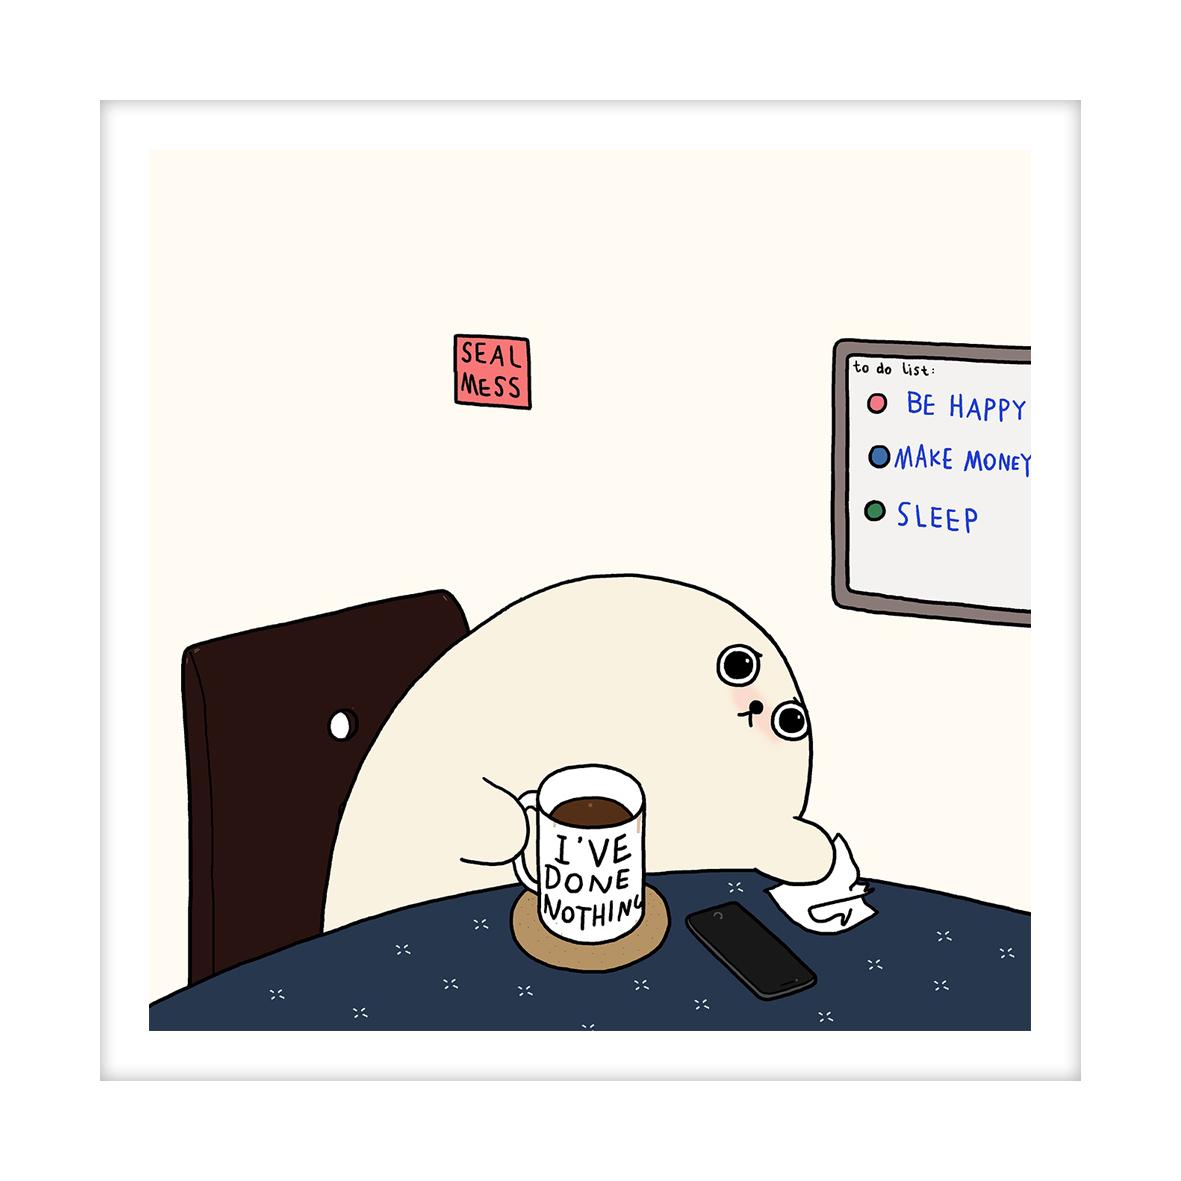 【王XX官方限量版画】小海豹系列|不开心